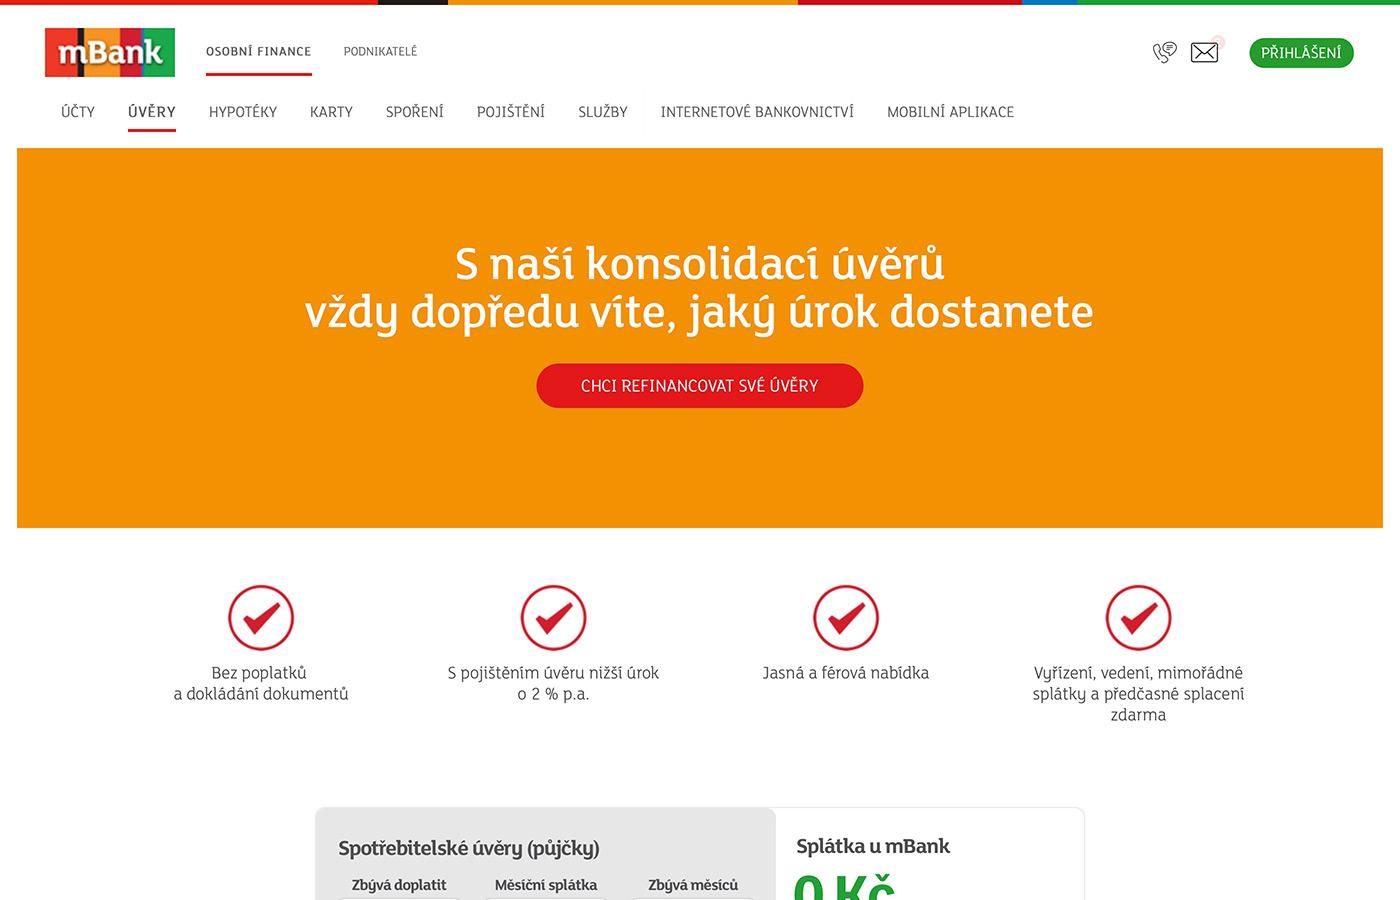 Náhled webových stránek www.mbank.cz/osobni/uvery/mpujcka-konsolidace/